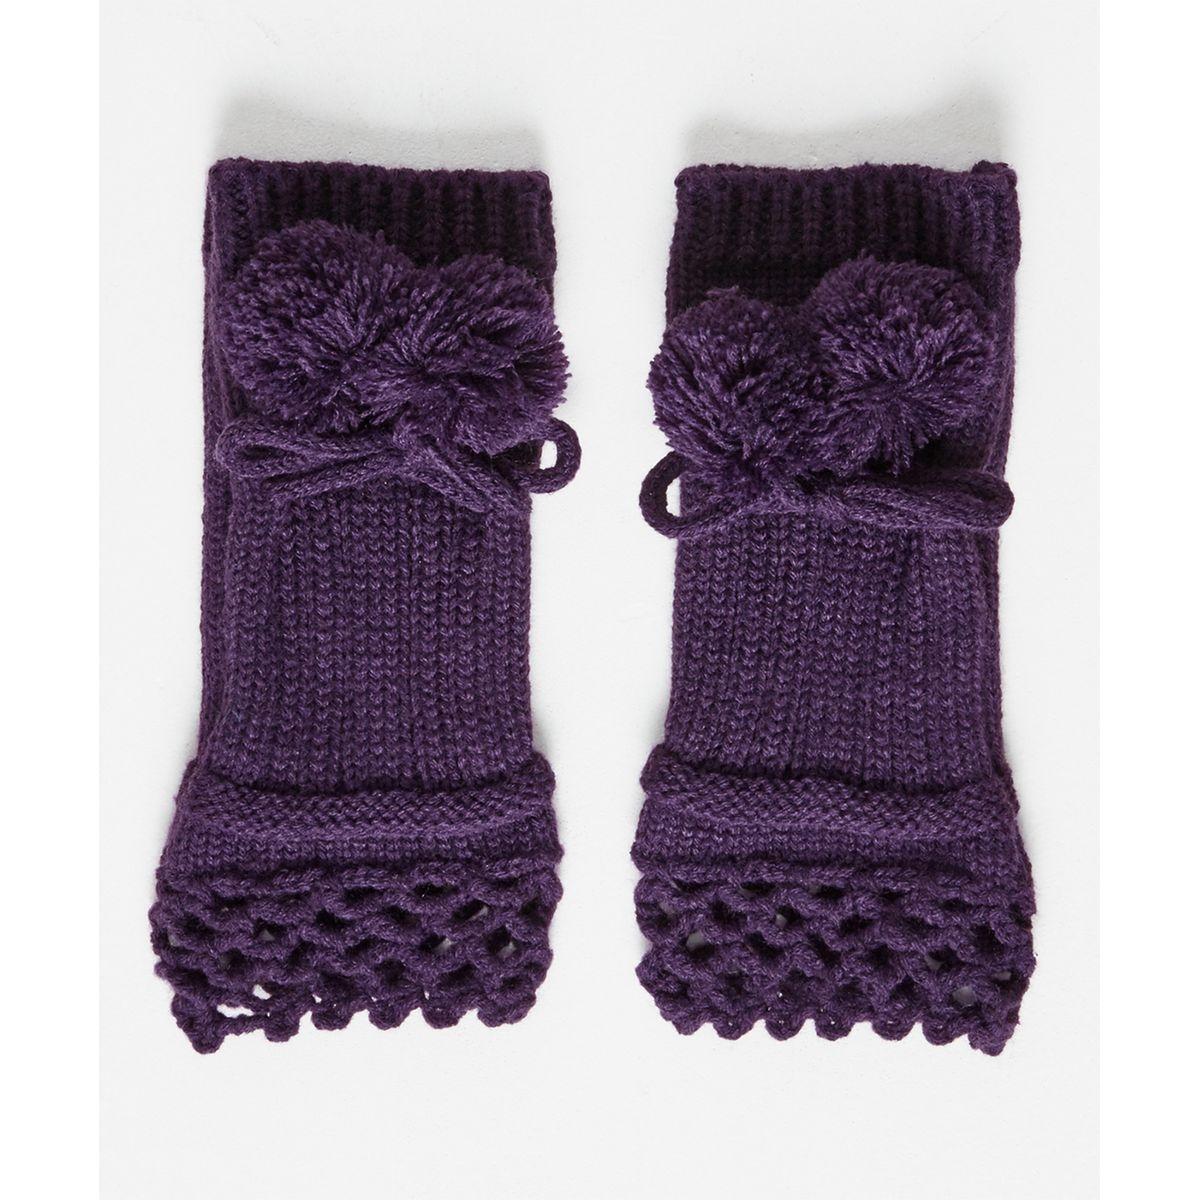 Gants originaux tricotés à pompon